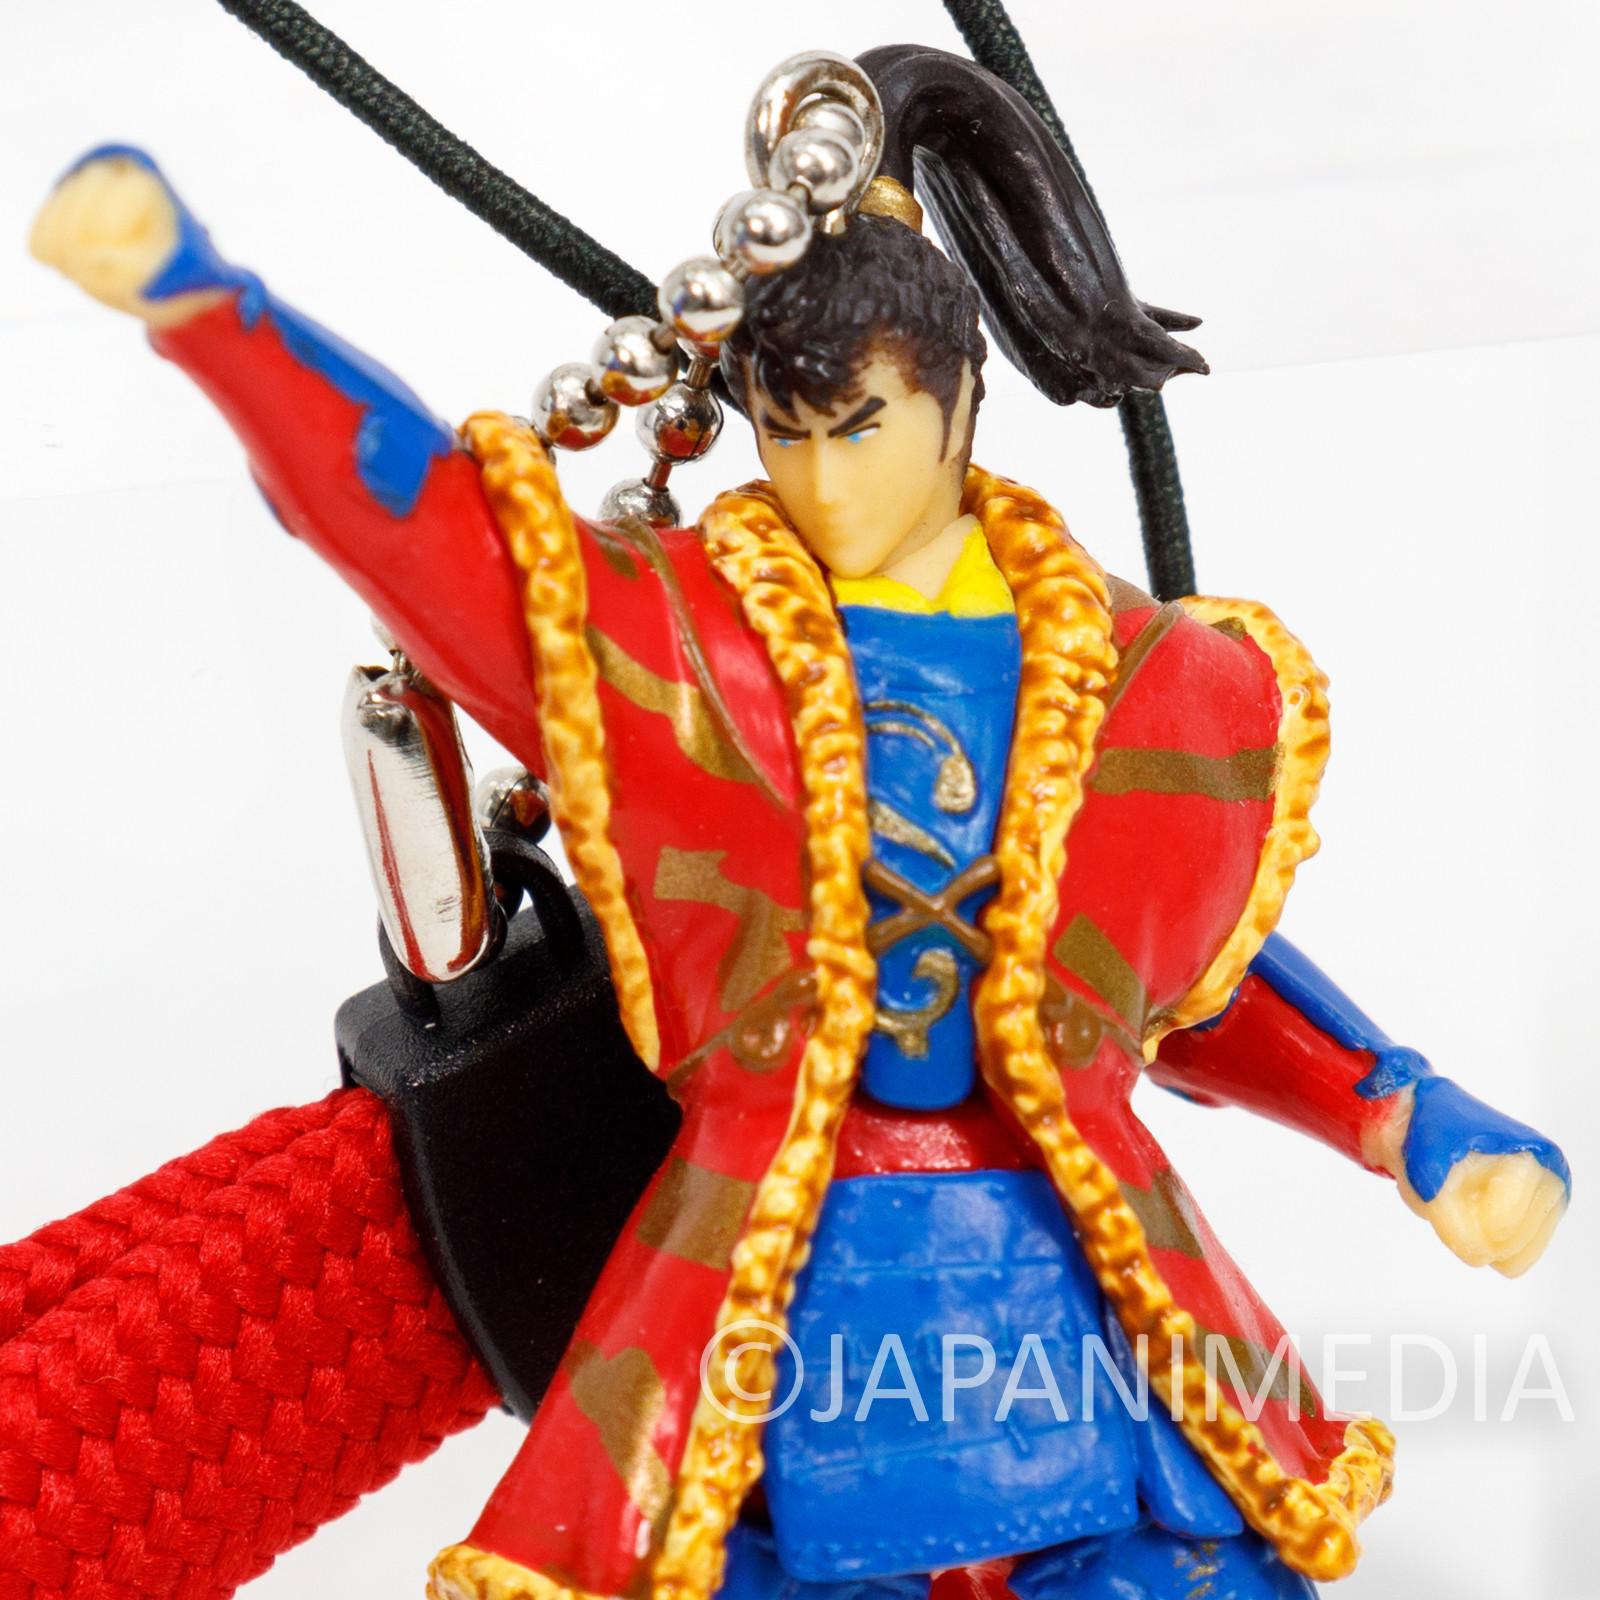 Hana no Keiji Kumo no Kanata ni Figure Strap JAPAN MANGA